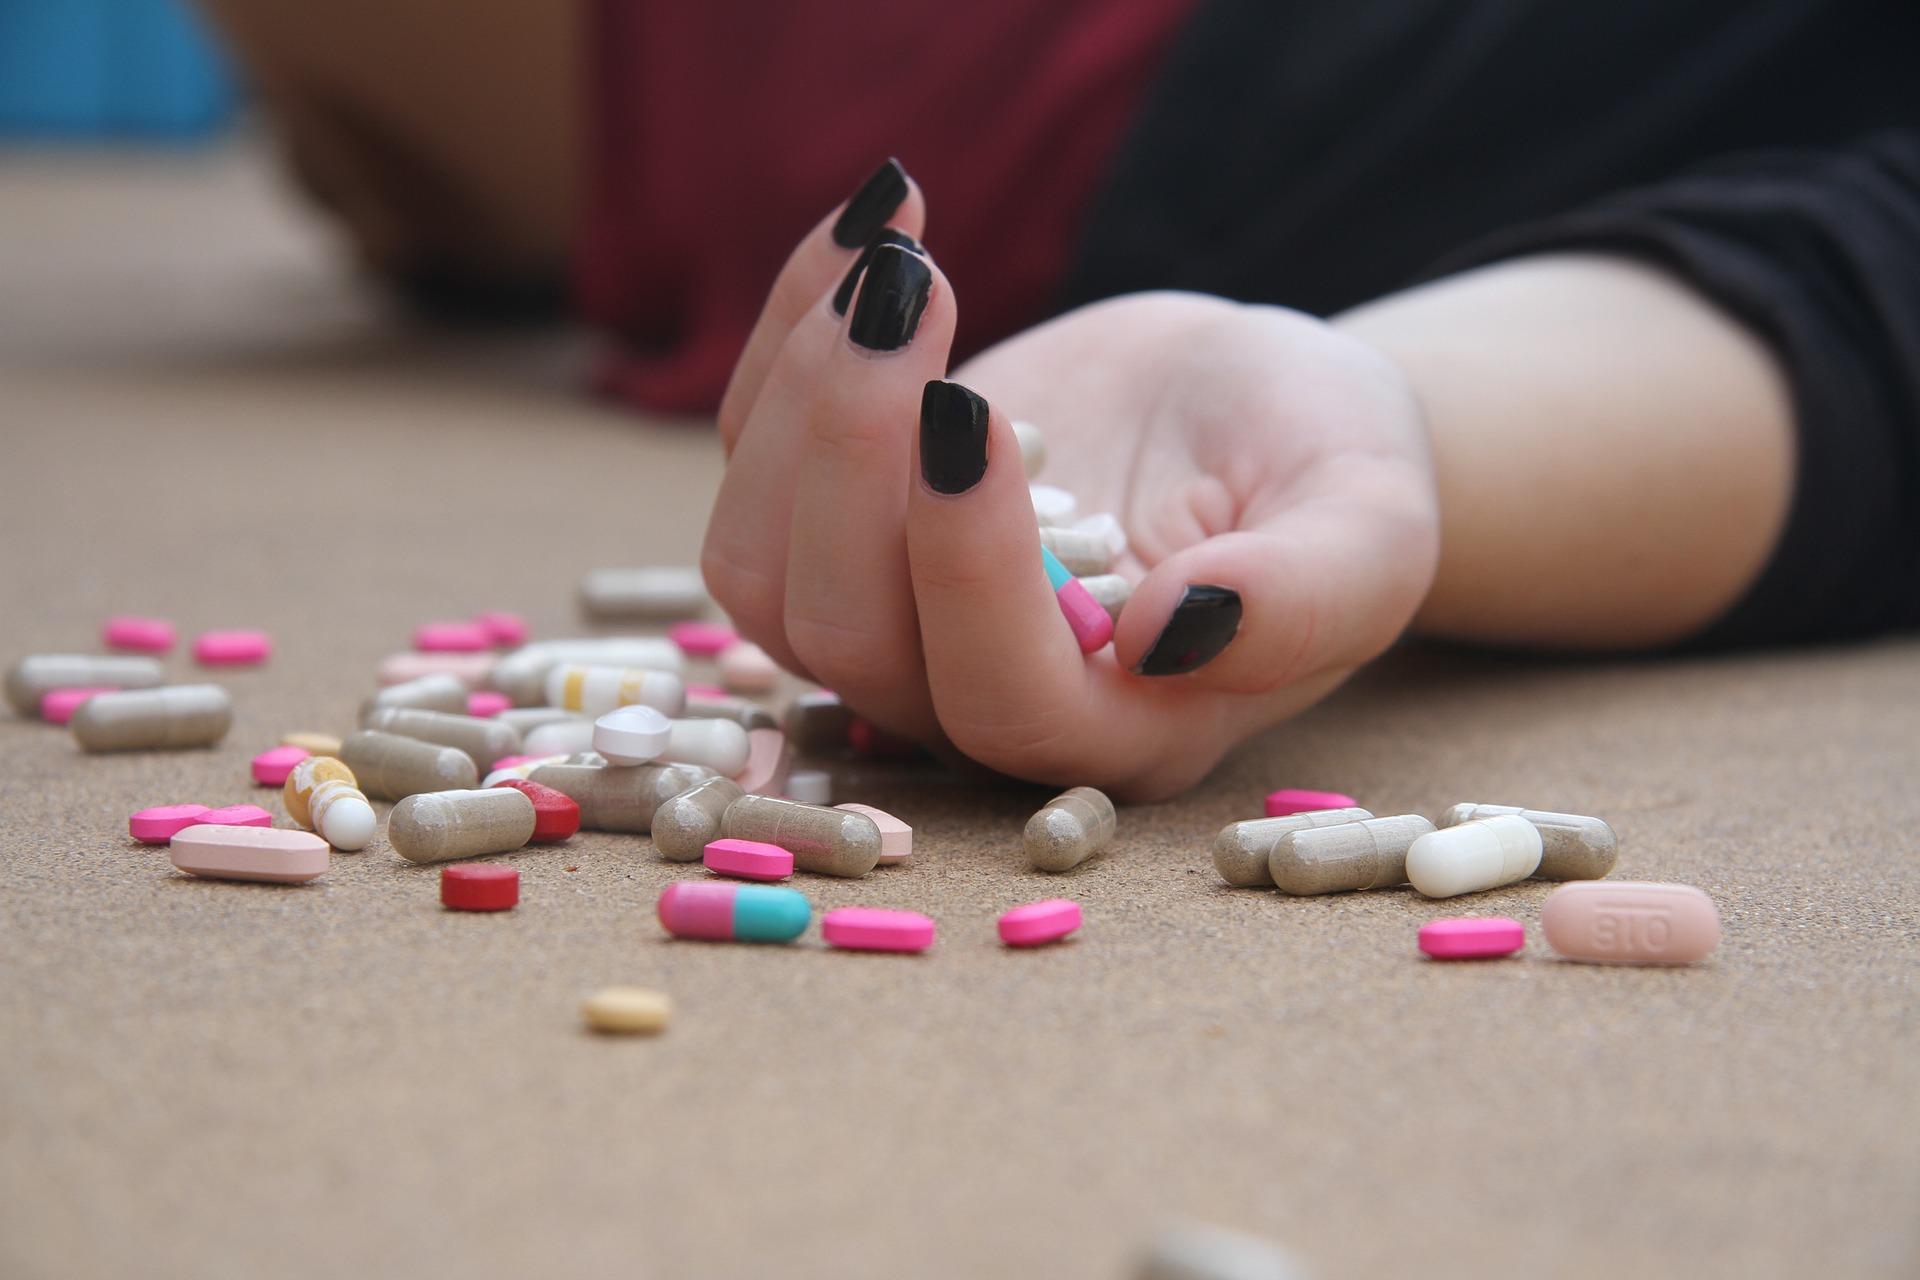 Wie kann ich meine Angststörung überwinden, ohne Medikamente? 7